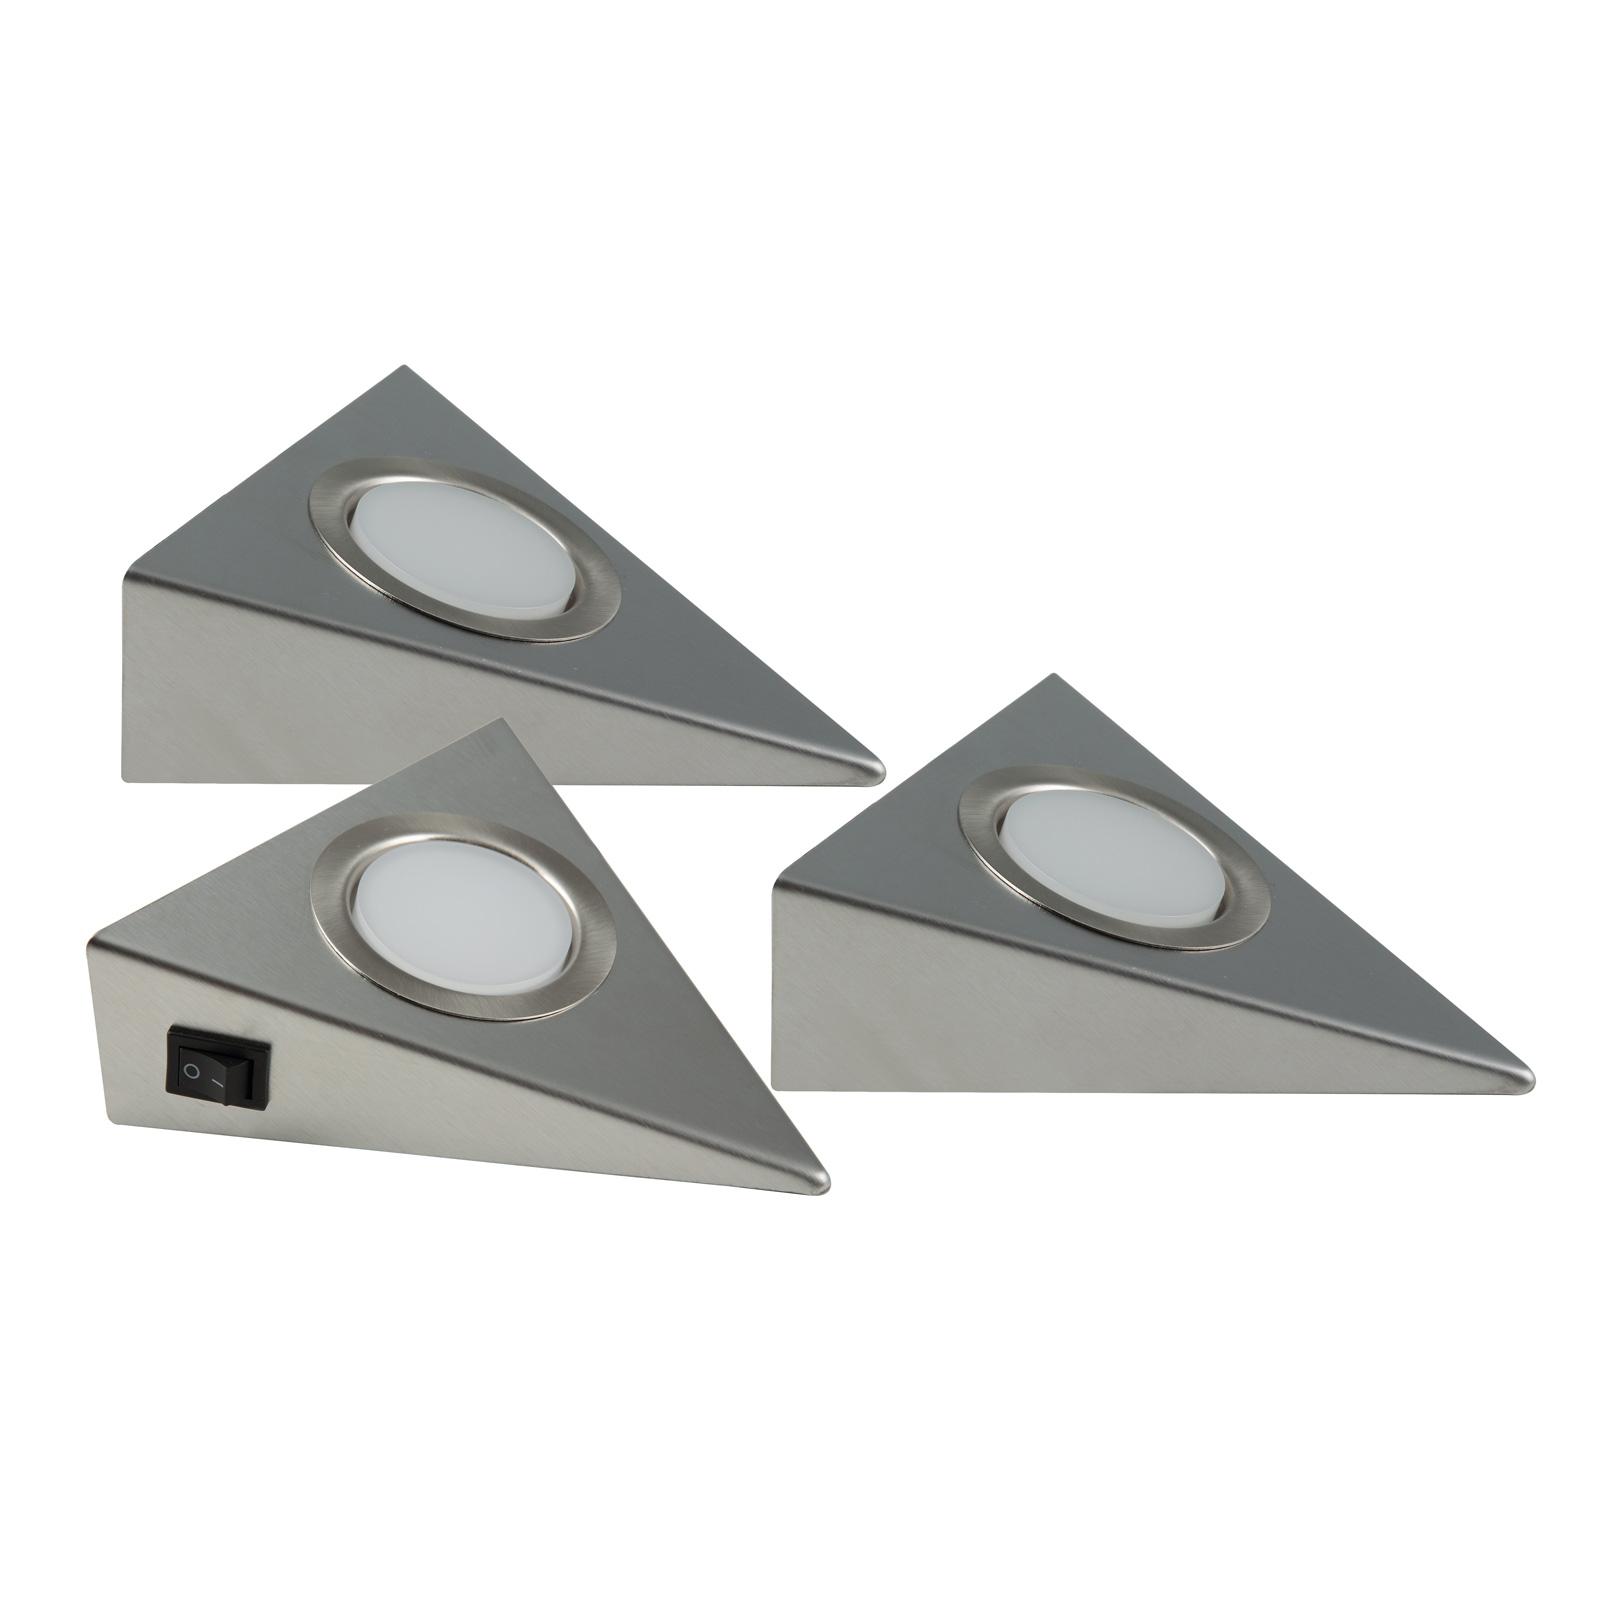 LED-kaapinalusvalaisin Genua 3 kpl, kytkin